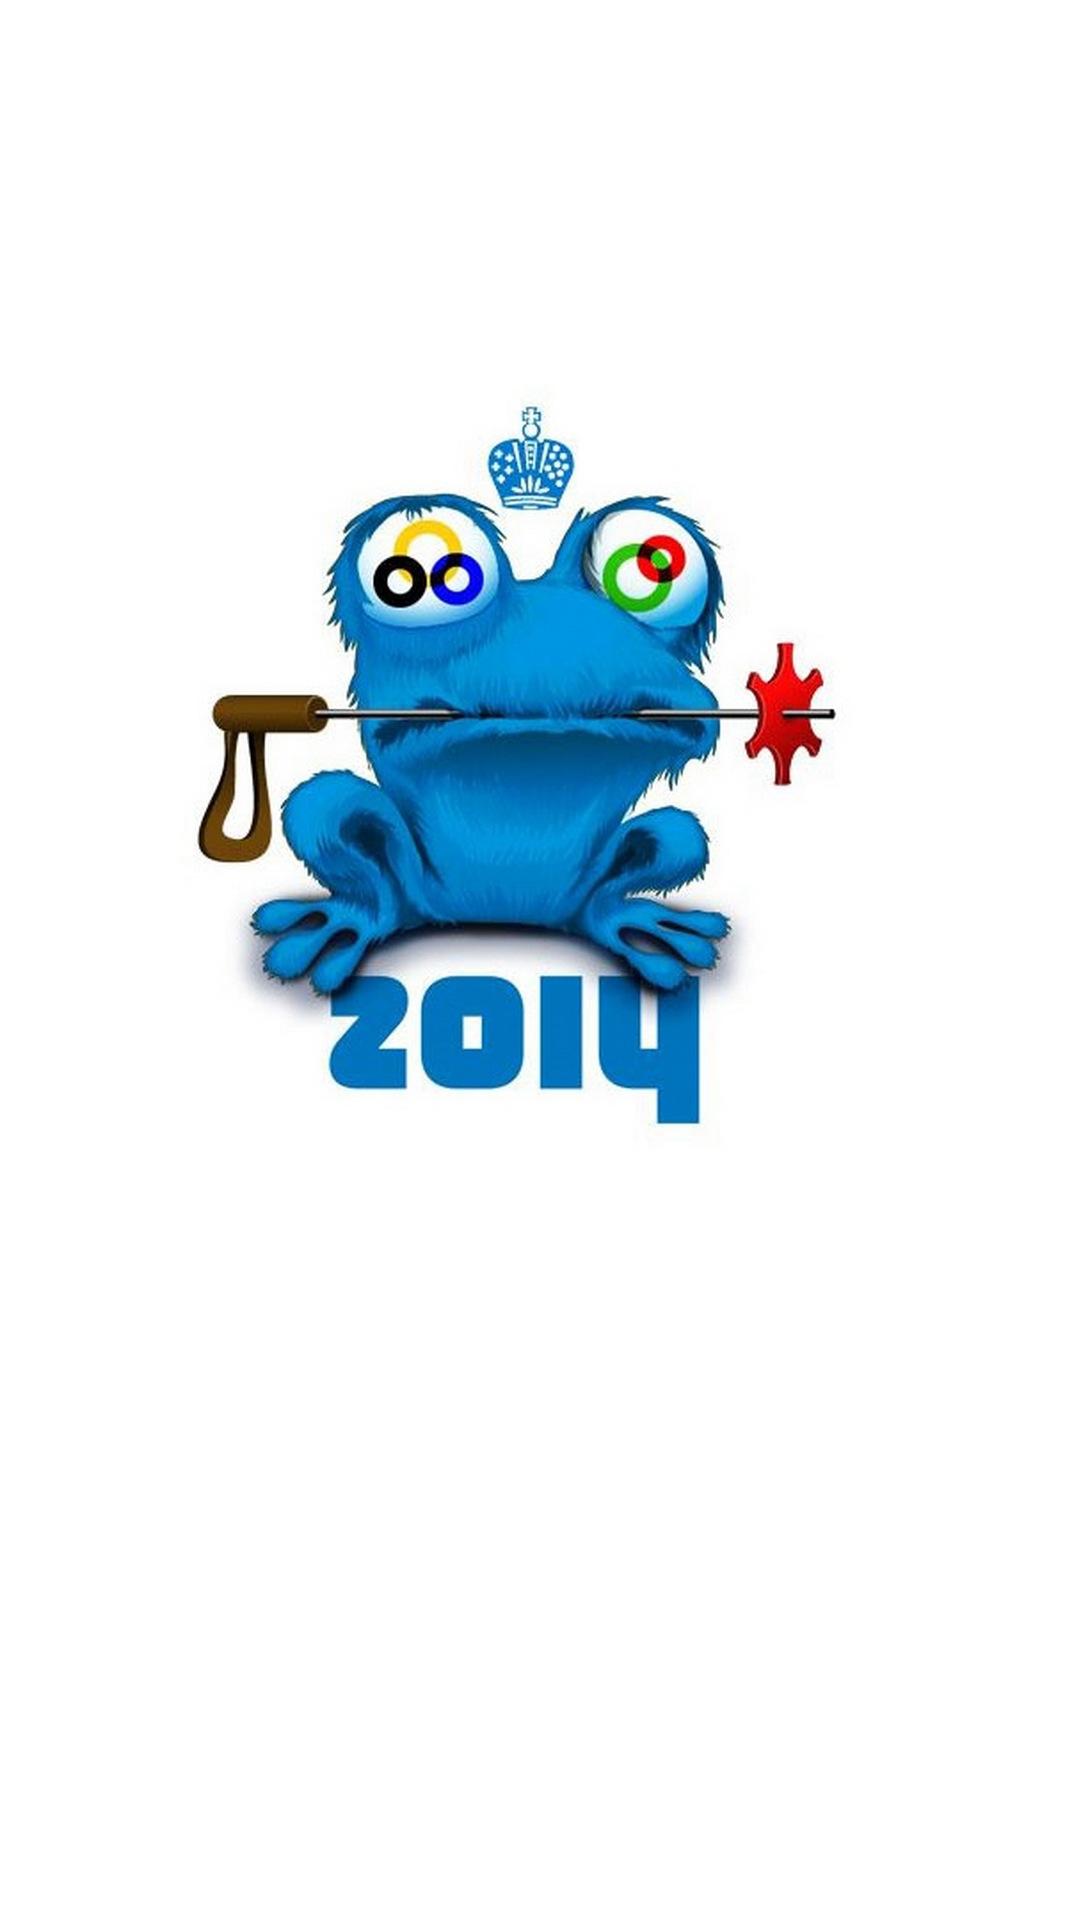 Olympic games, Sochi 2014, Mascot, Logo, Talisman, Galaxy S4 Wallaper full size 1080x1920